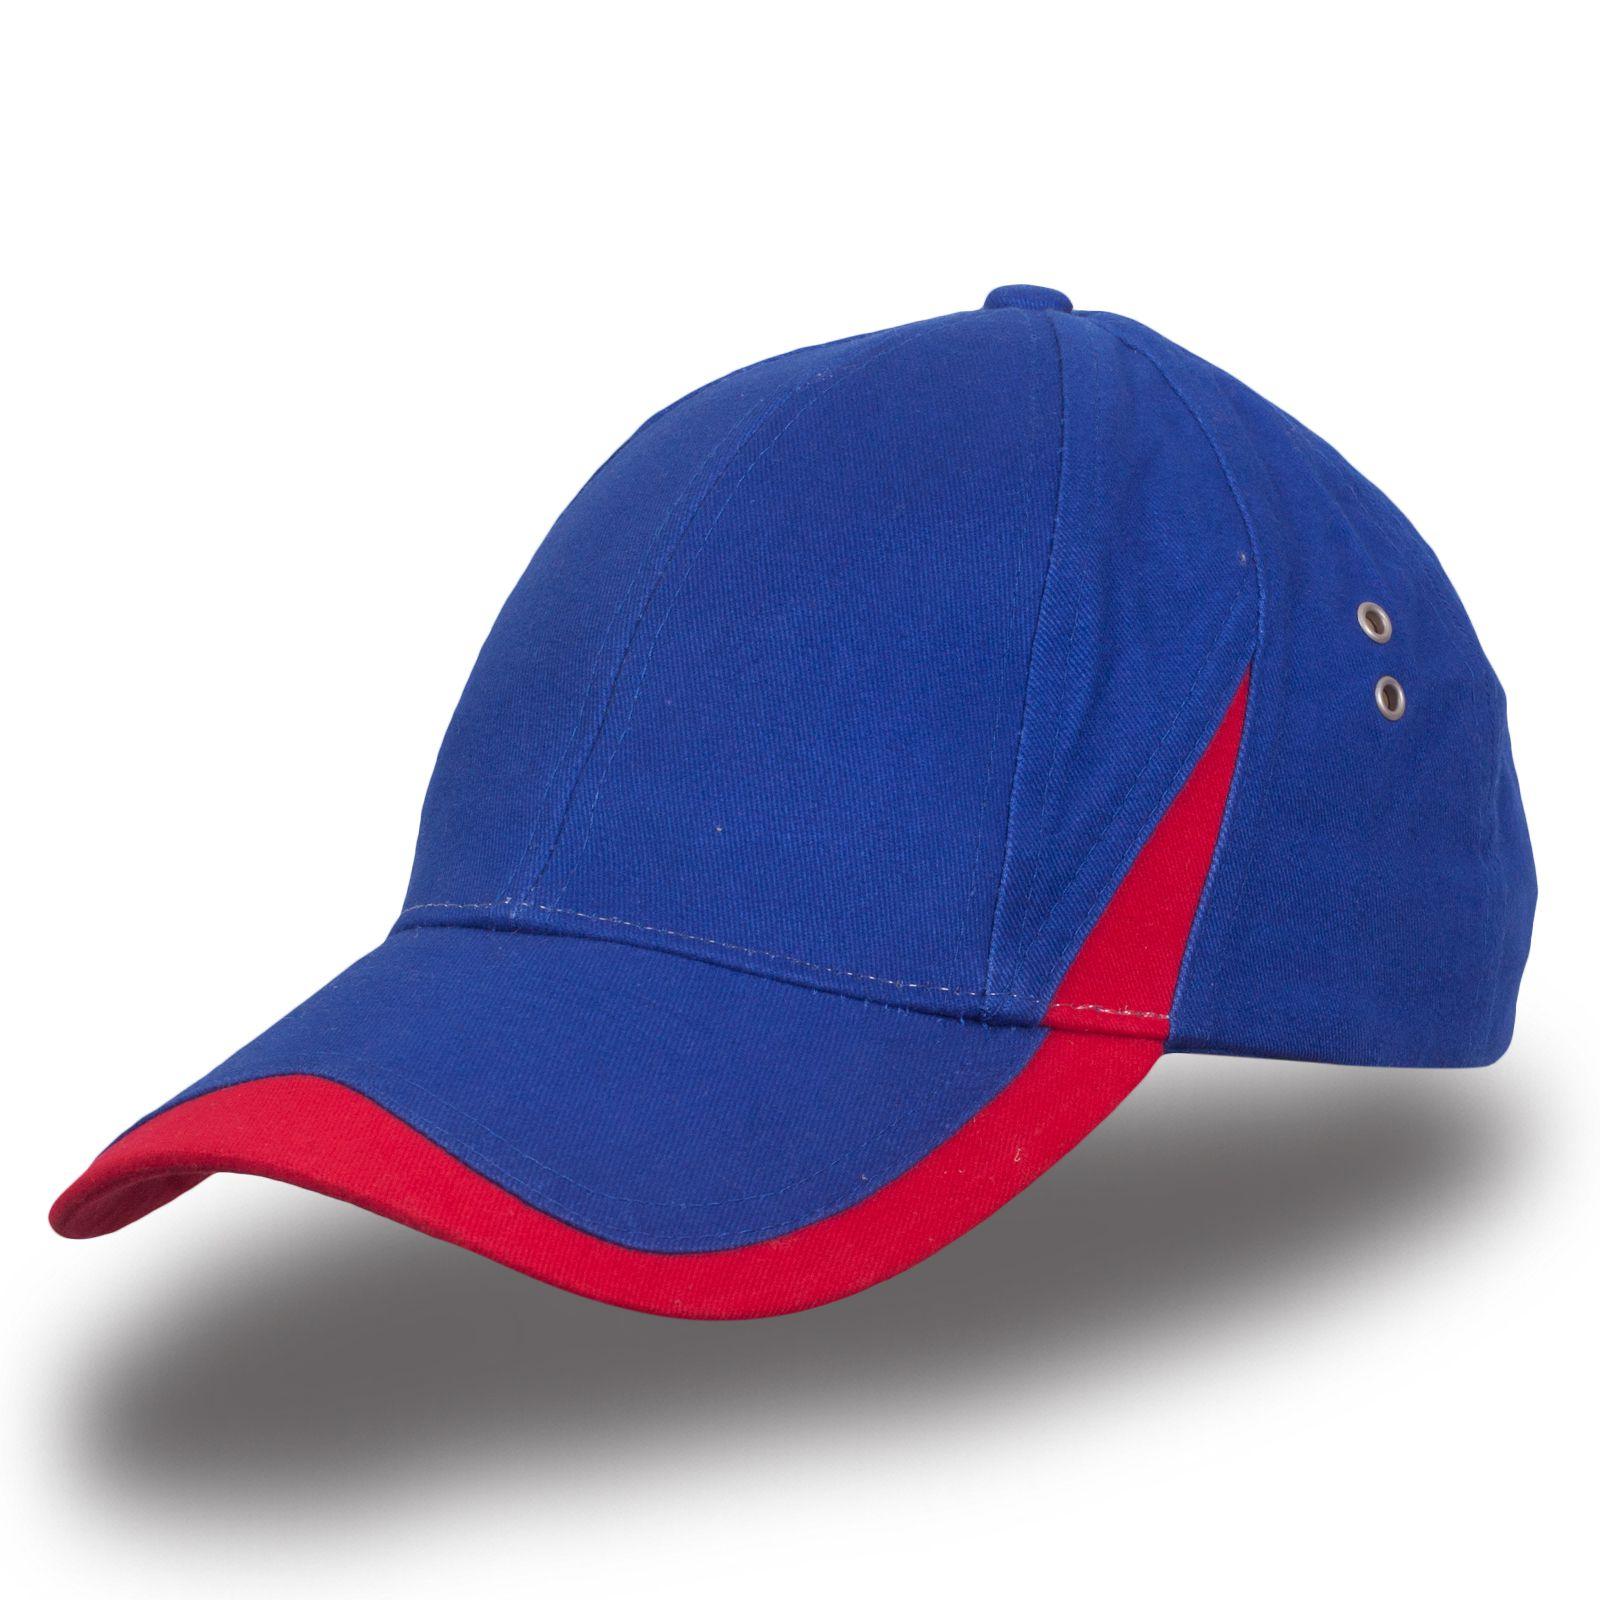 Синяя бейсболка - купить в интернет-магазине с доставкой